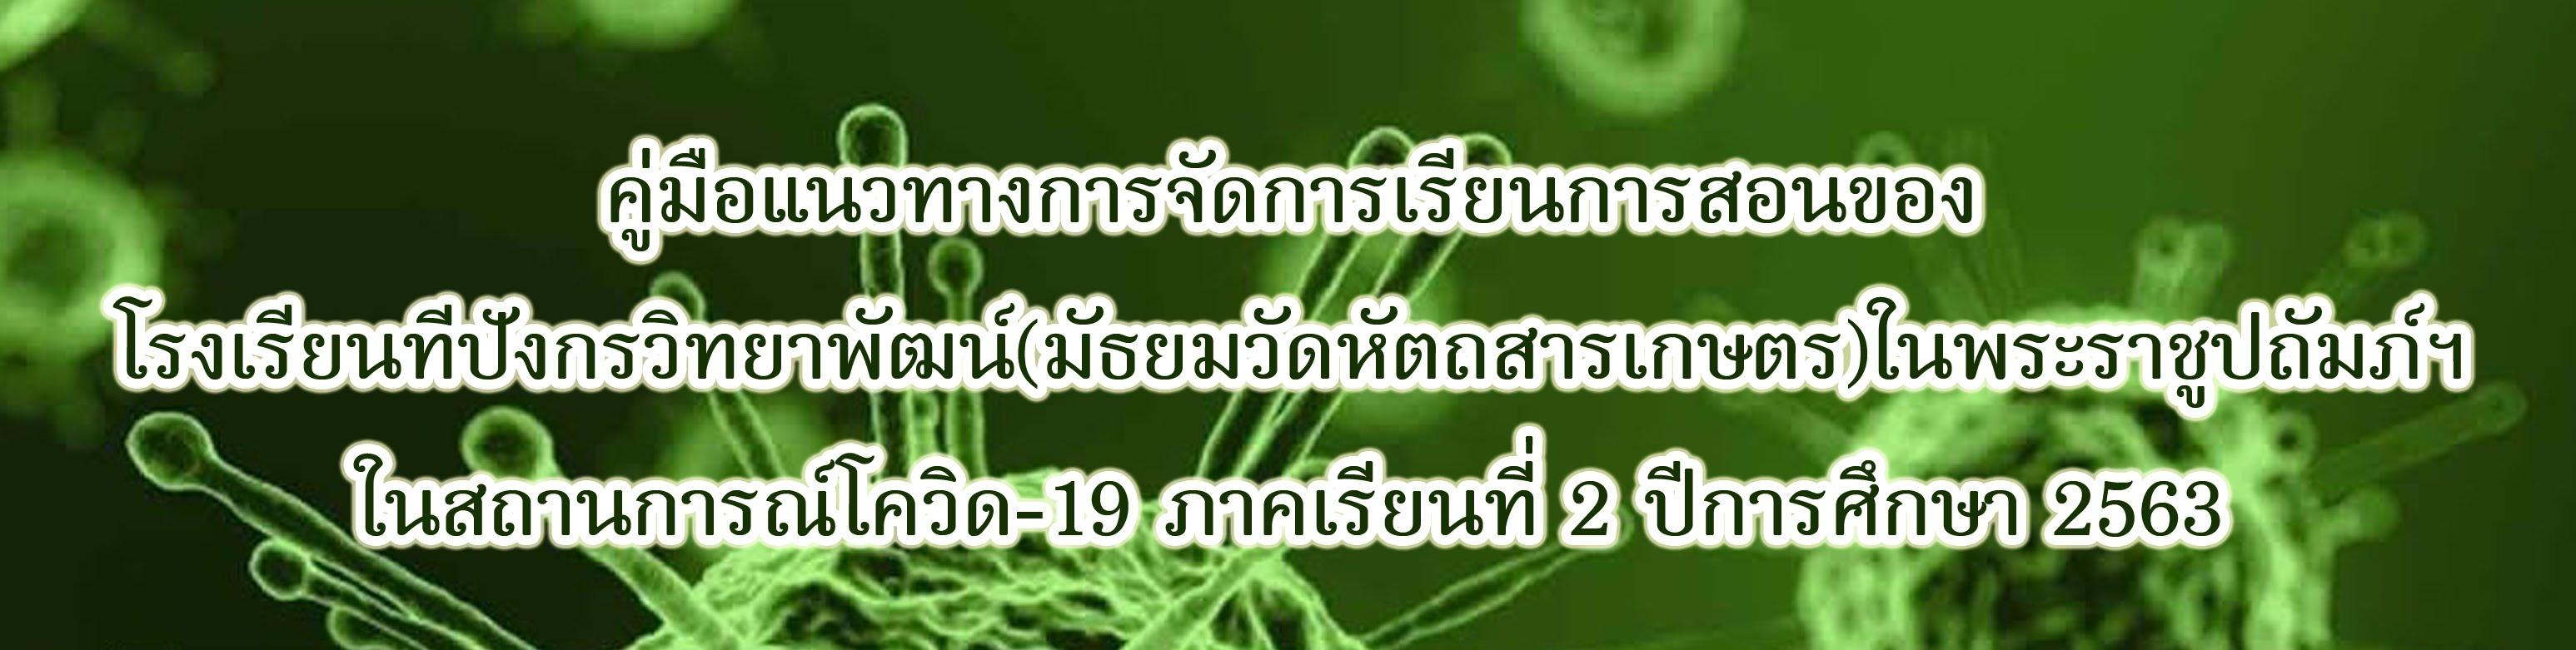 http://bit.ly/3cnU8xw